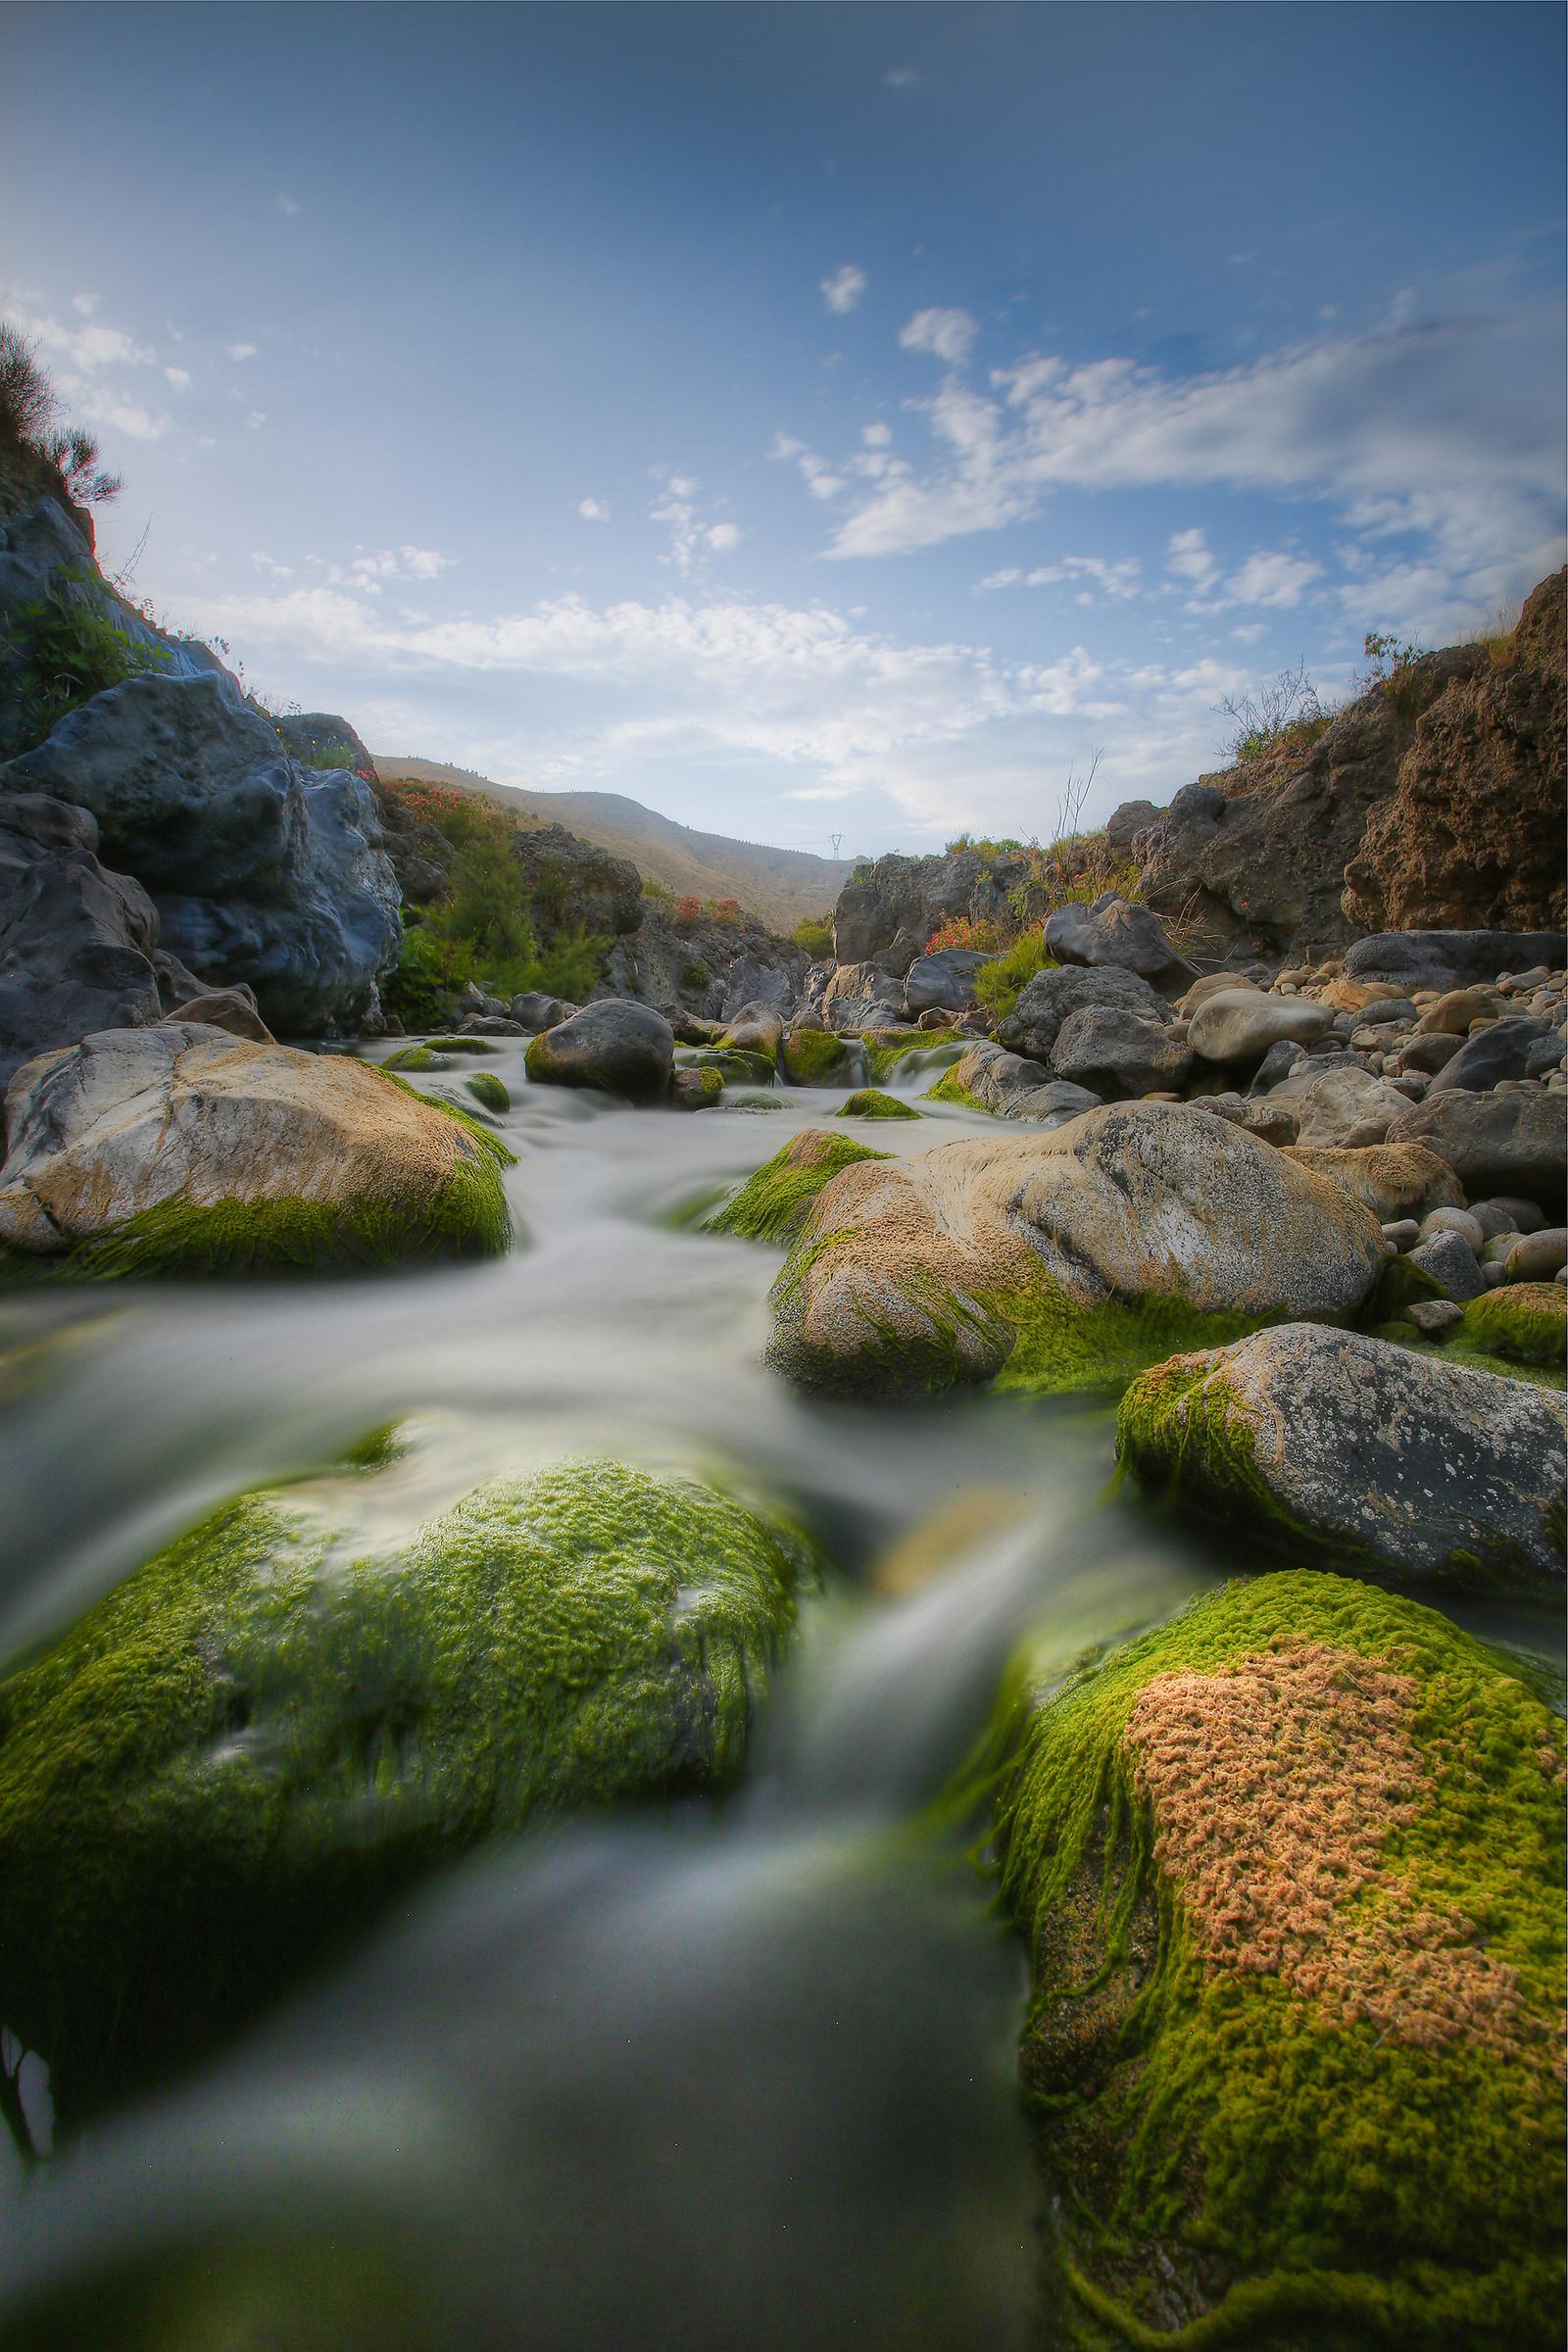 fiume simeto....